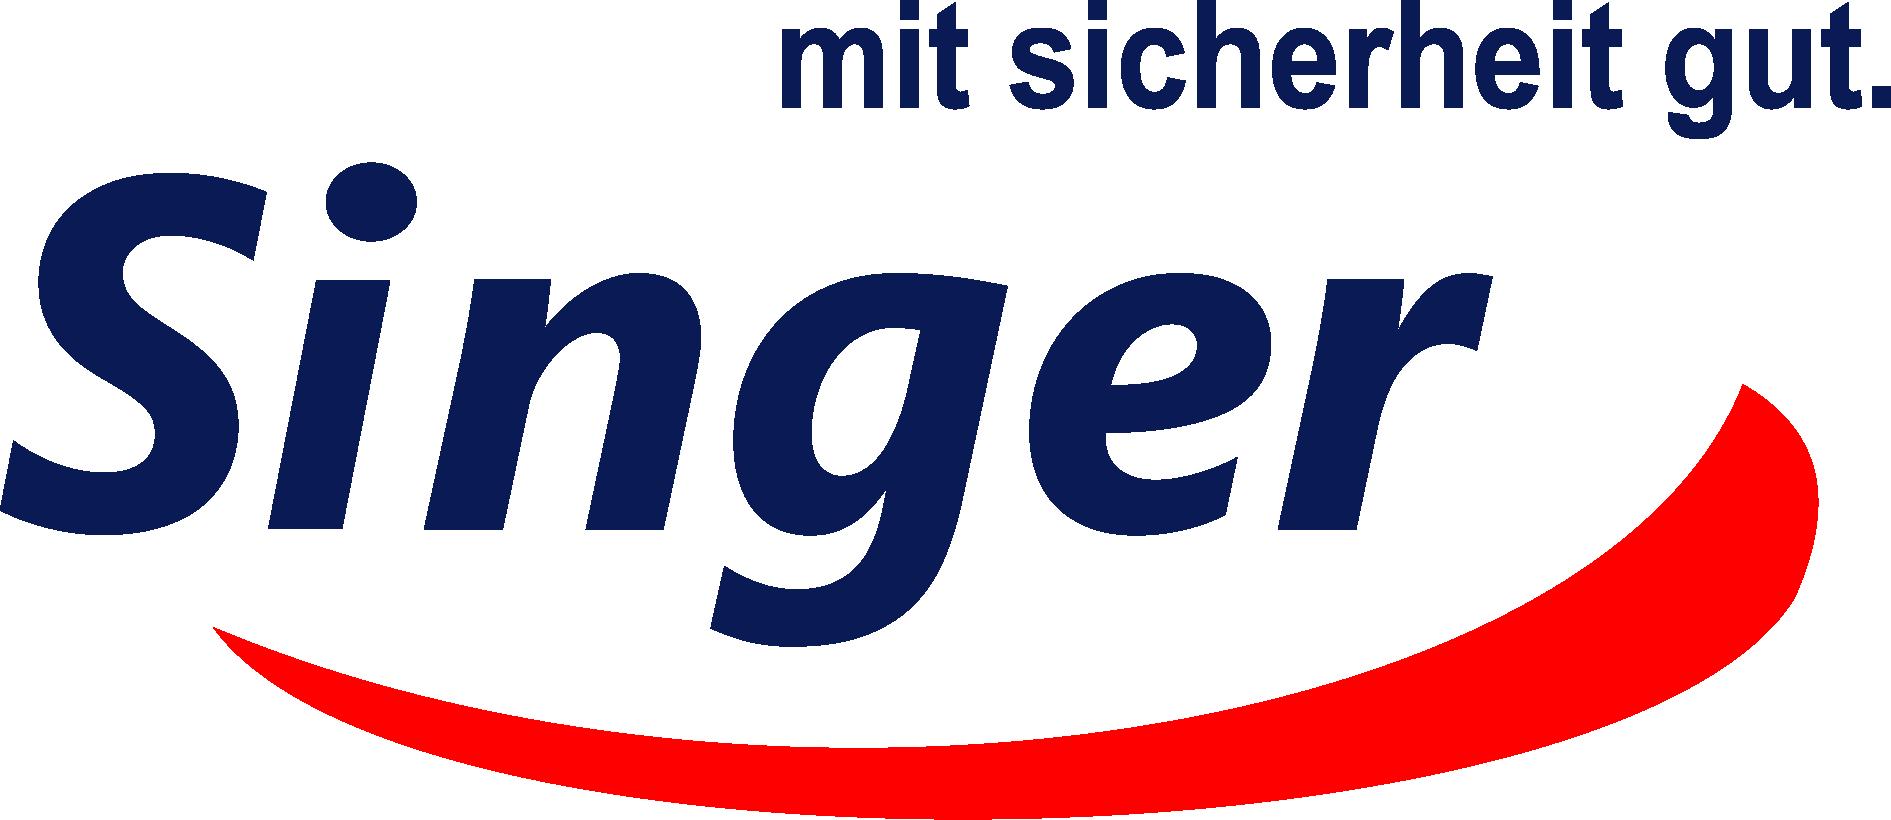 MSG Singer